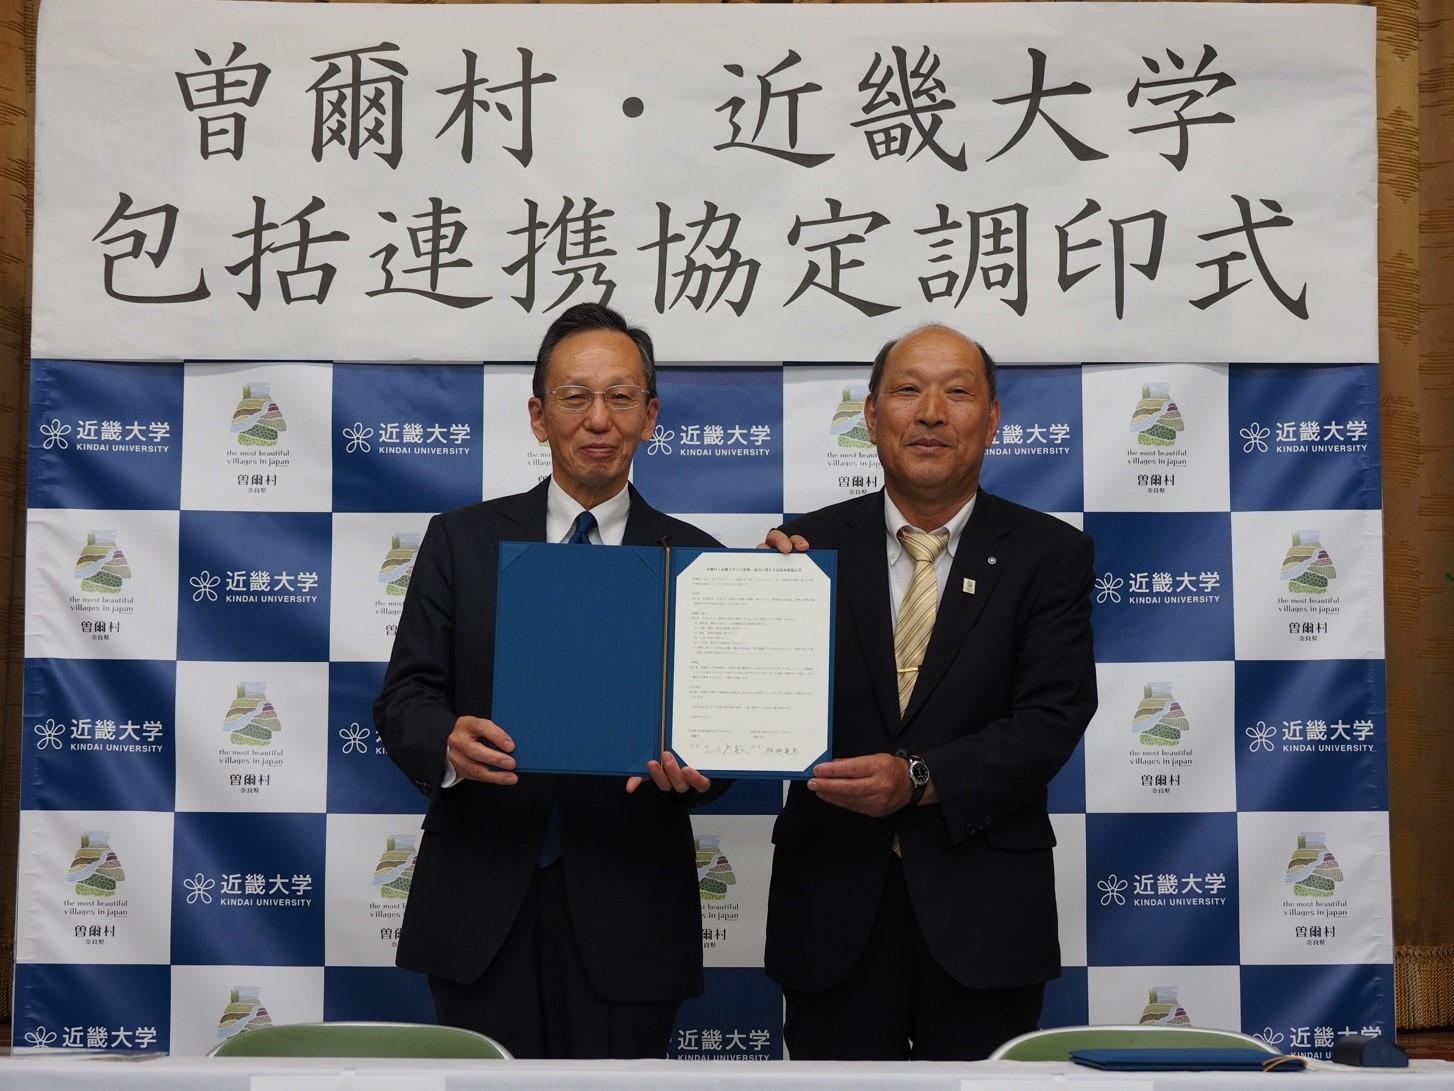 曽爾村と近畿大学が包括連携協定を締結 近畿大学の農学を中心とした総合力で曽爾村を活性化